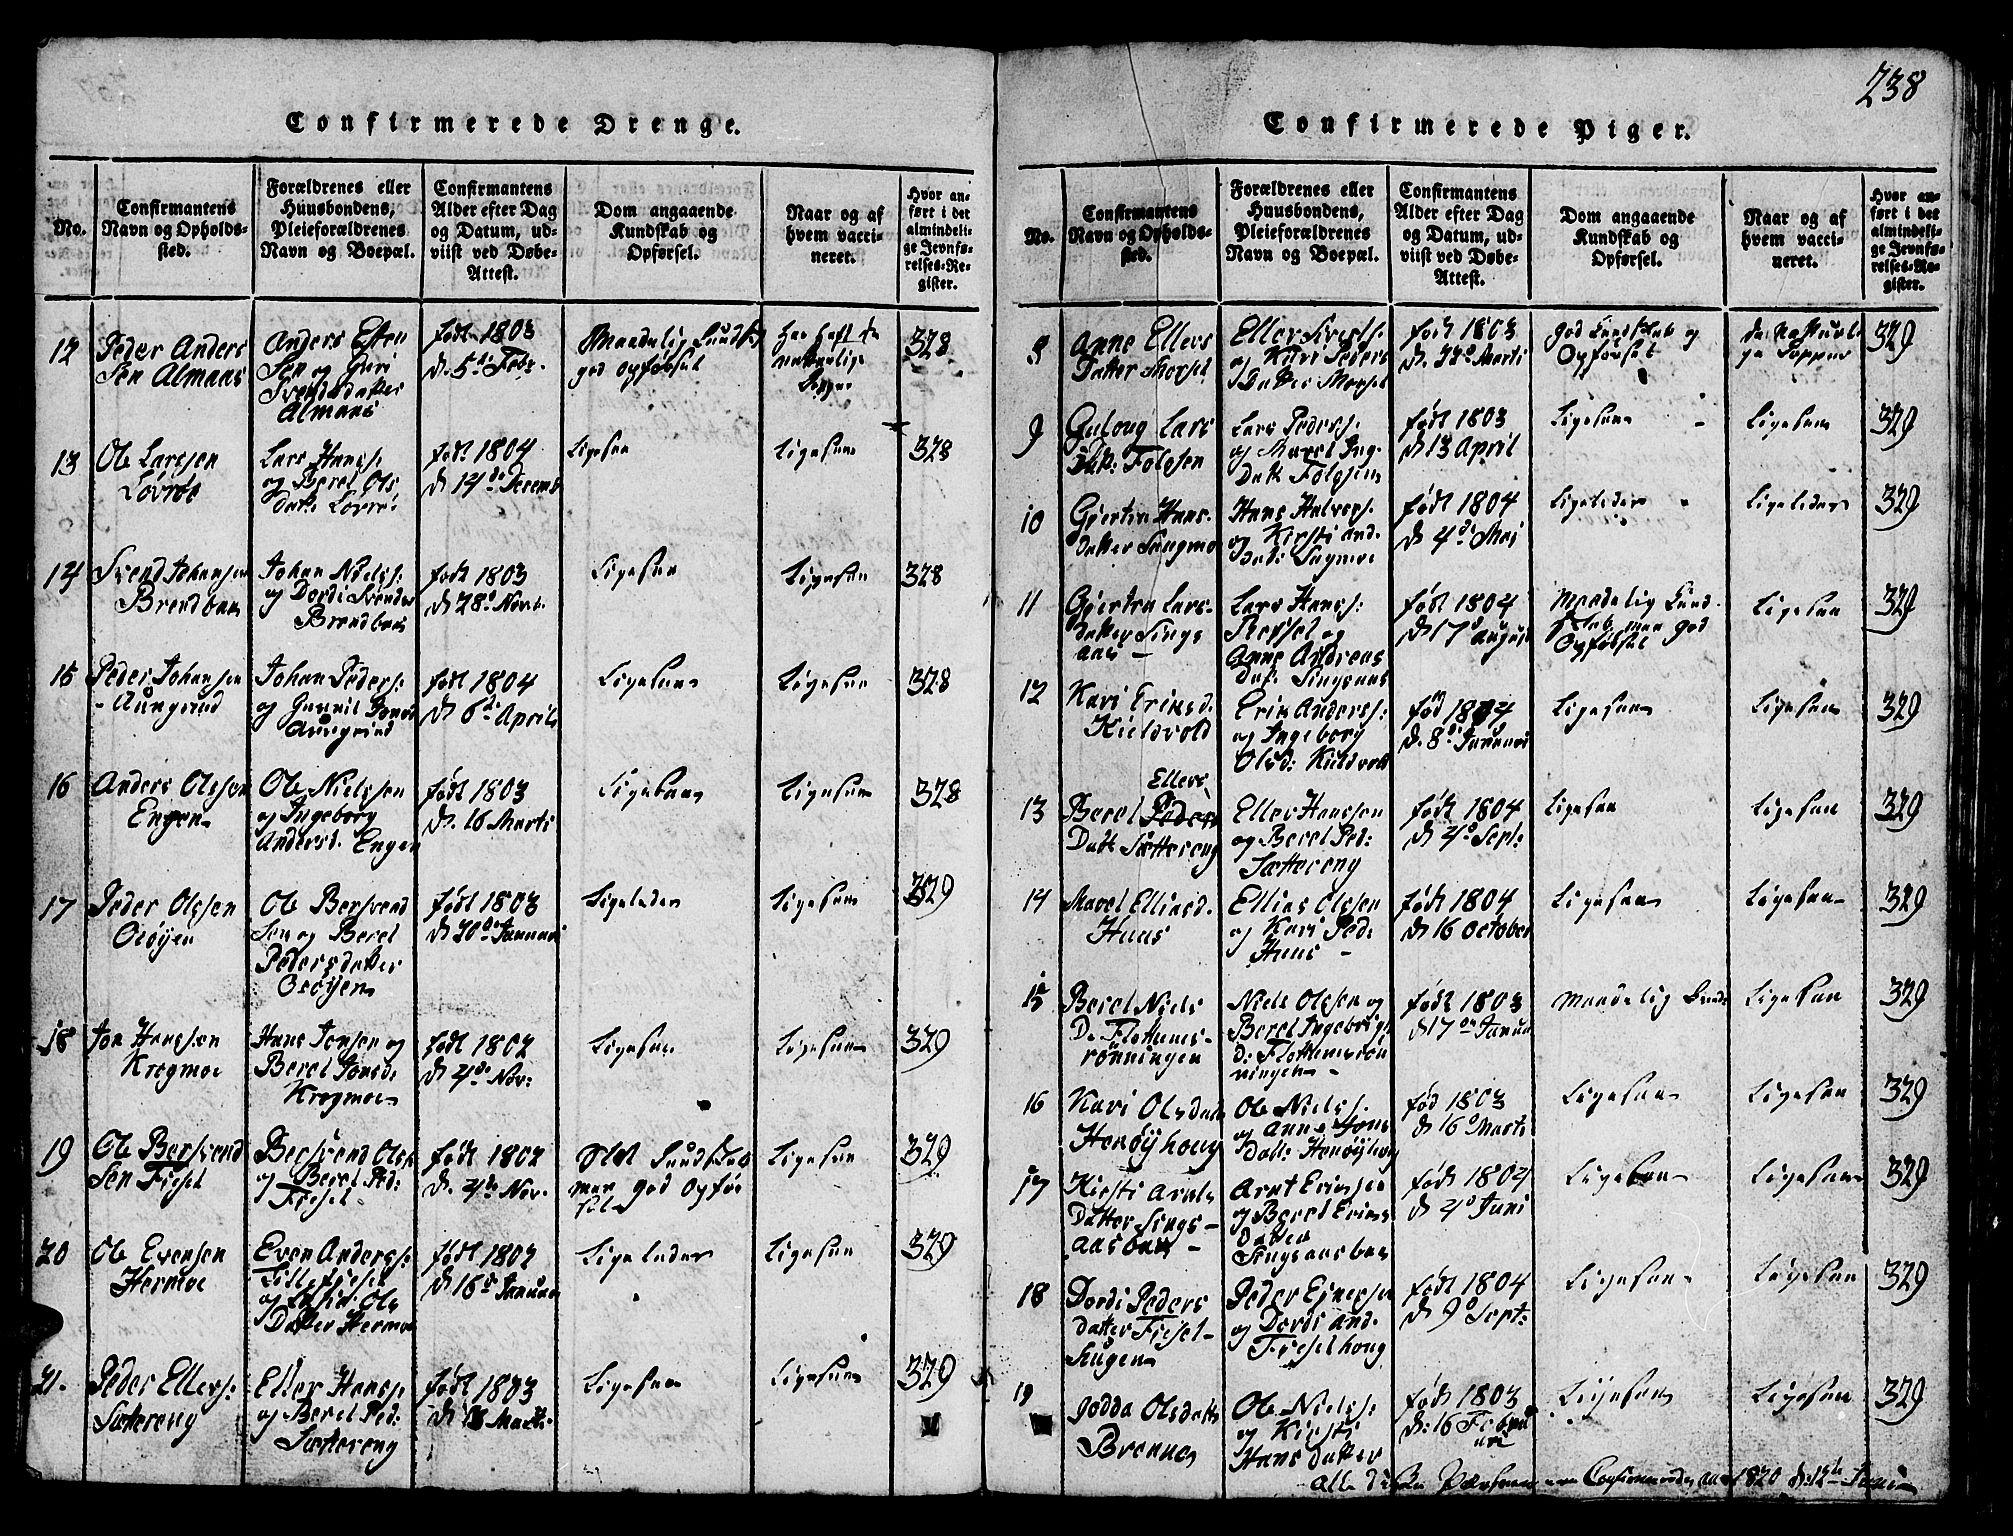 SAT, Ministerialprotokoller, klokkerbøker og fødselsregistre - Sør-Trøndelag, 688/L1026: Klokkerbok nr. 688C01, 1817-1860, s. 238